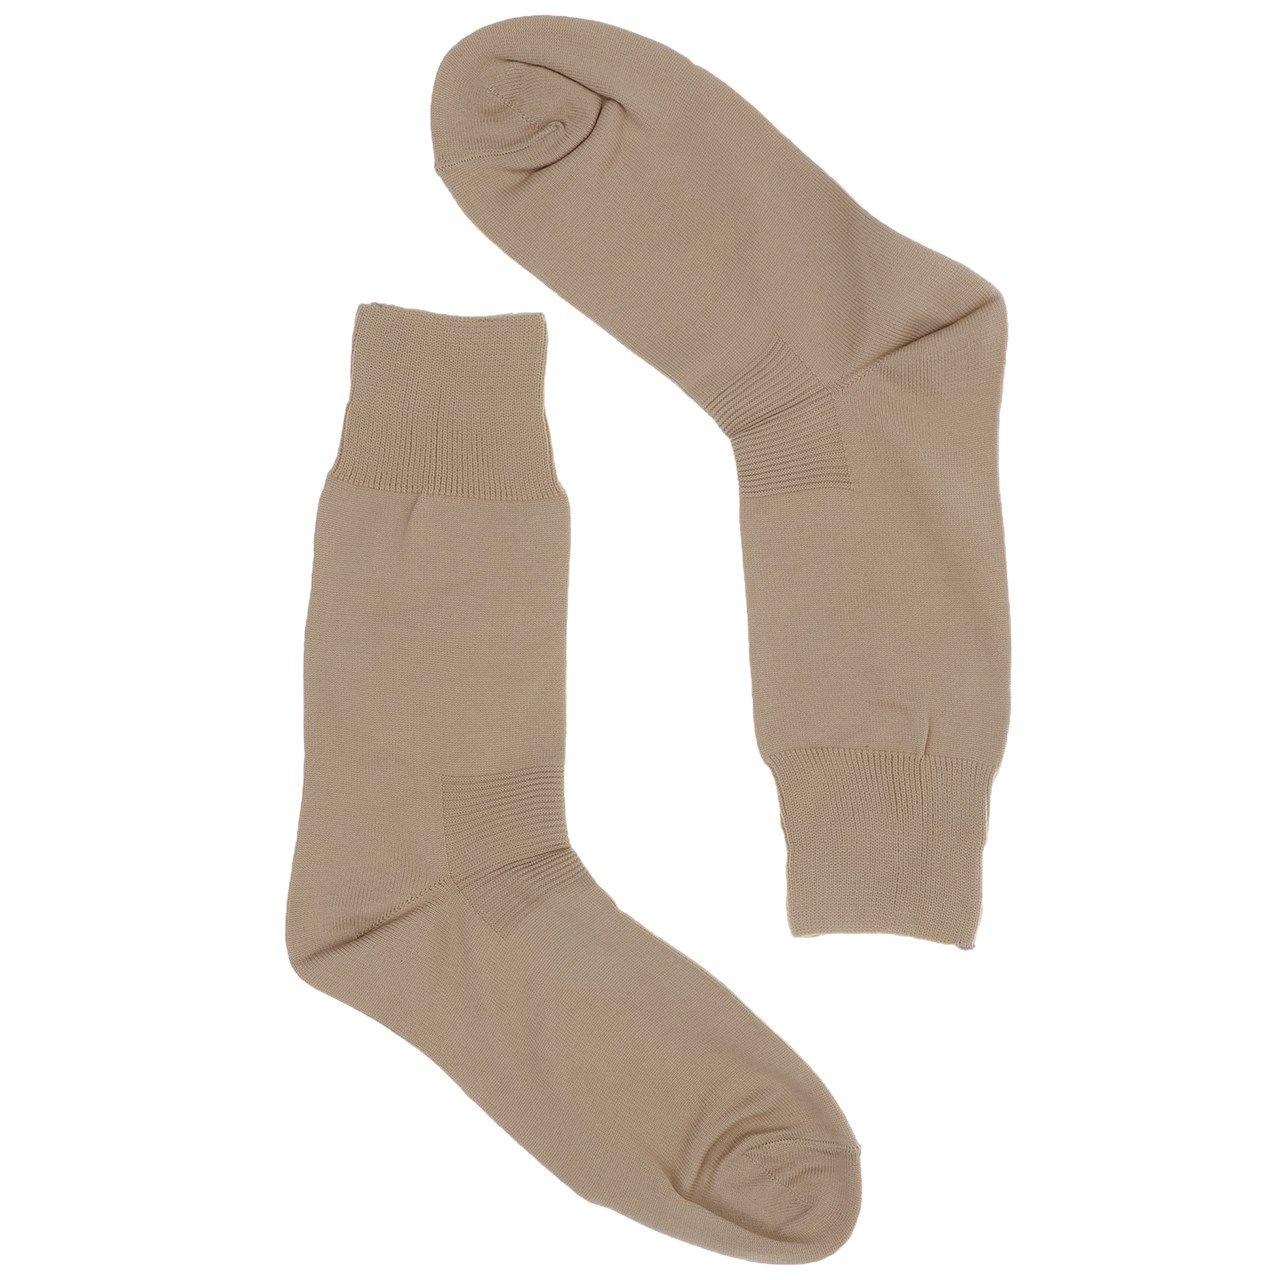 جوراب مردانه نانو تن پوش کد 72 -  - 1